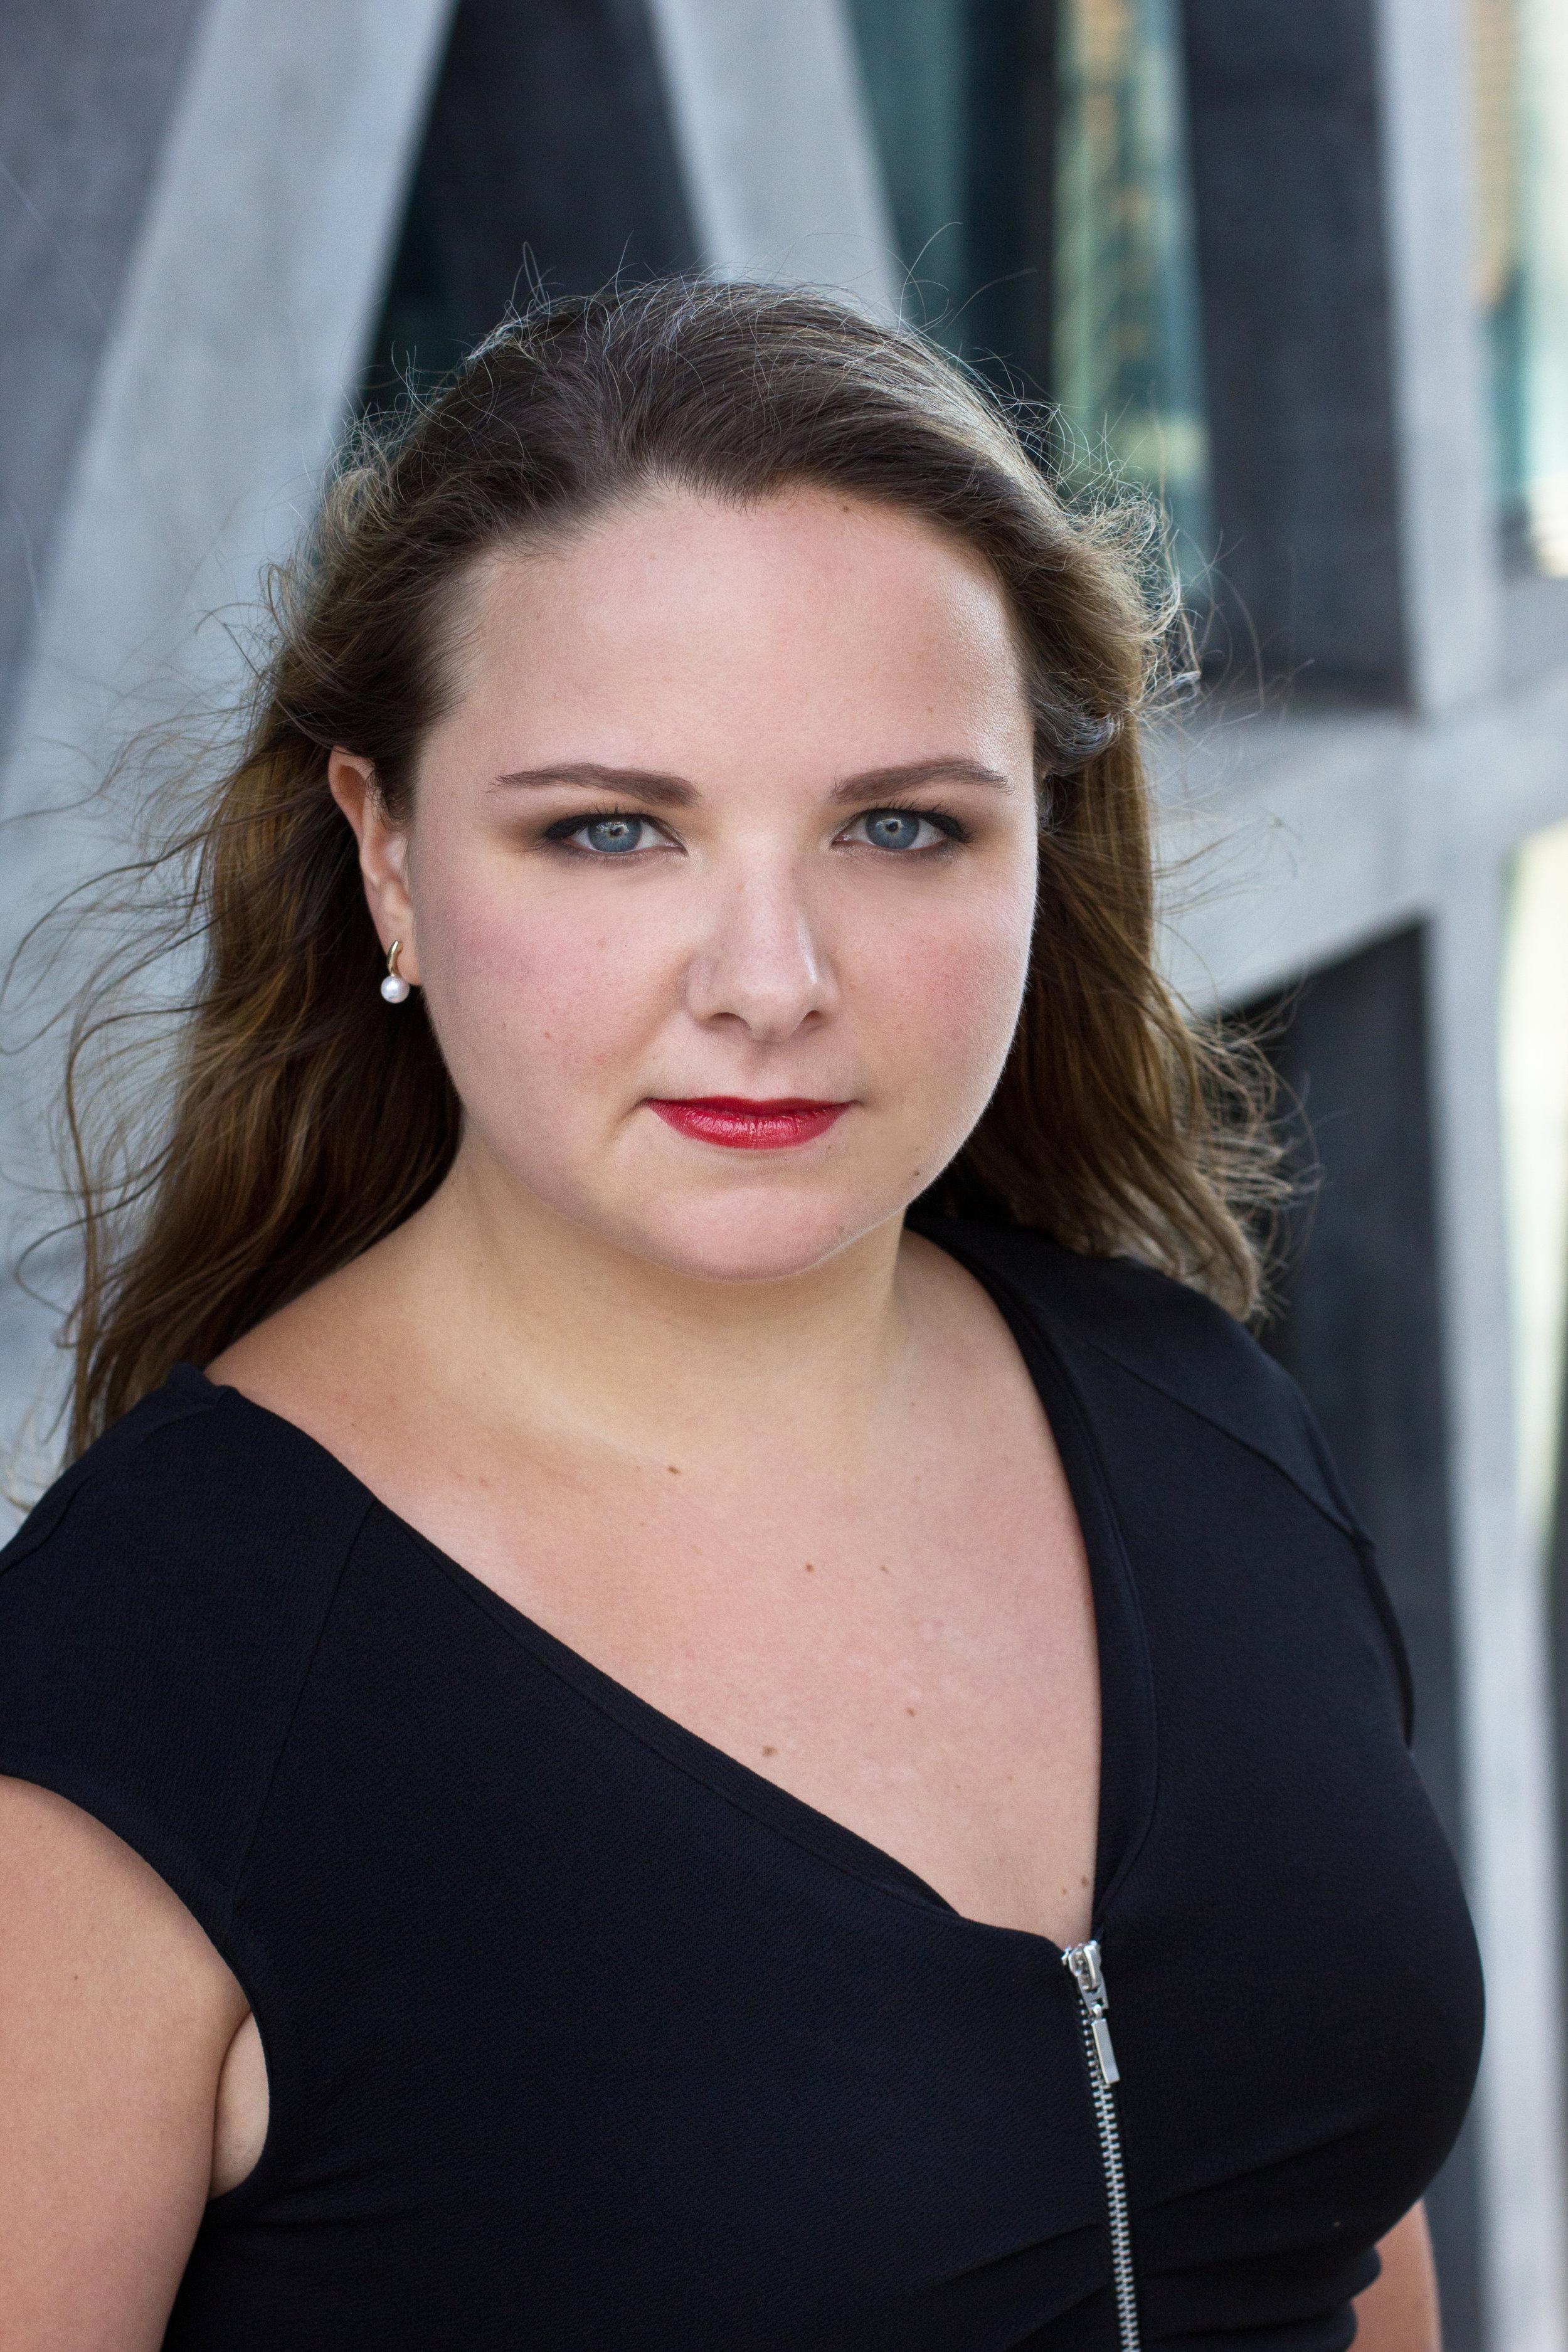 QUEEN ELIZABETH | Philippa Boyle